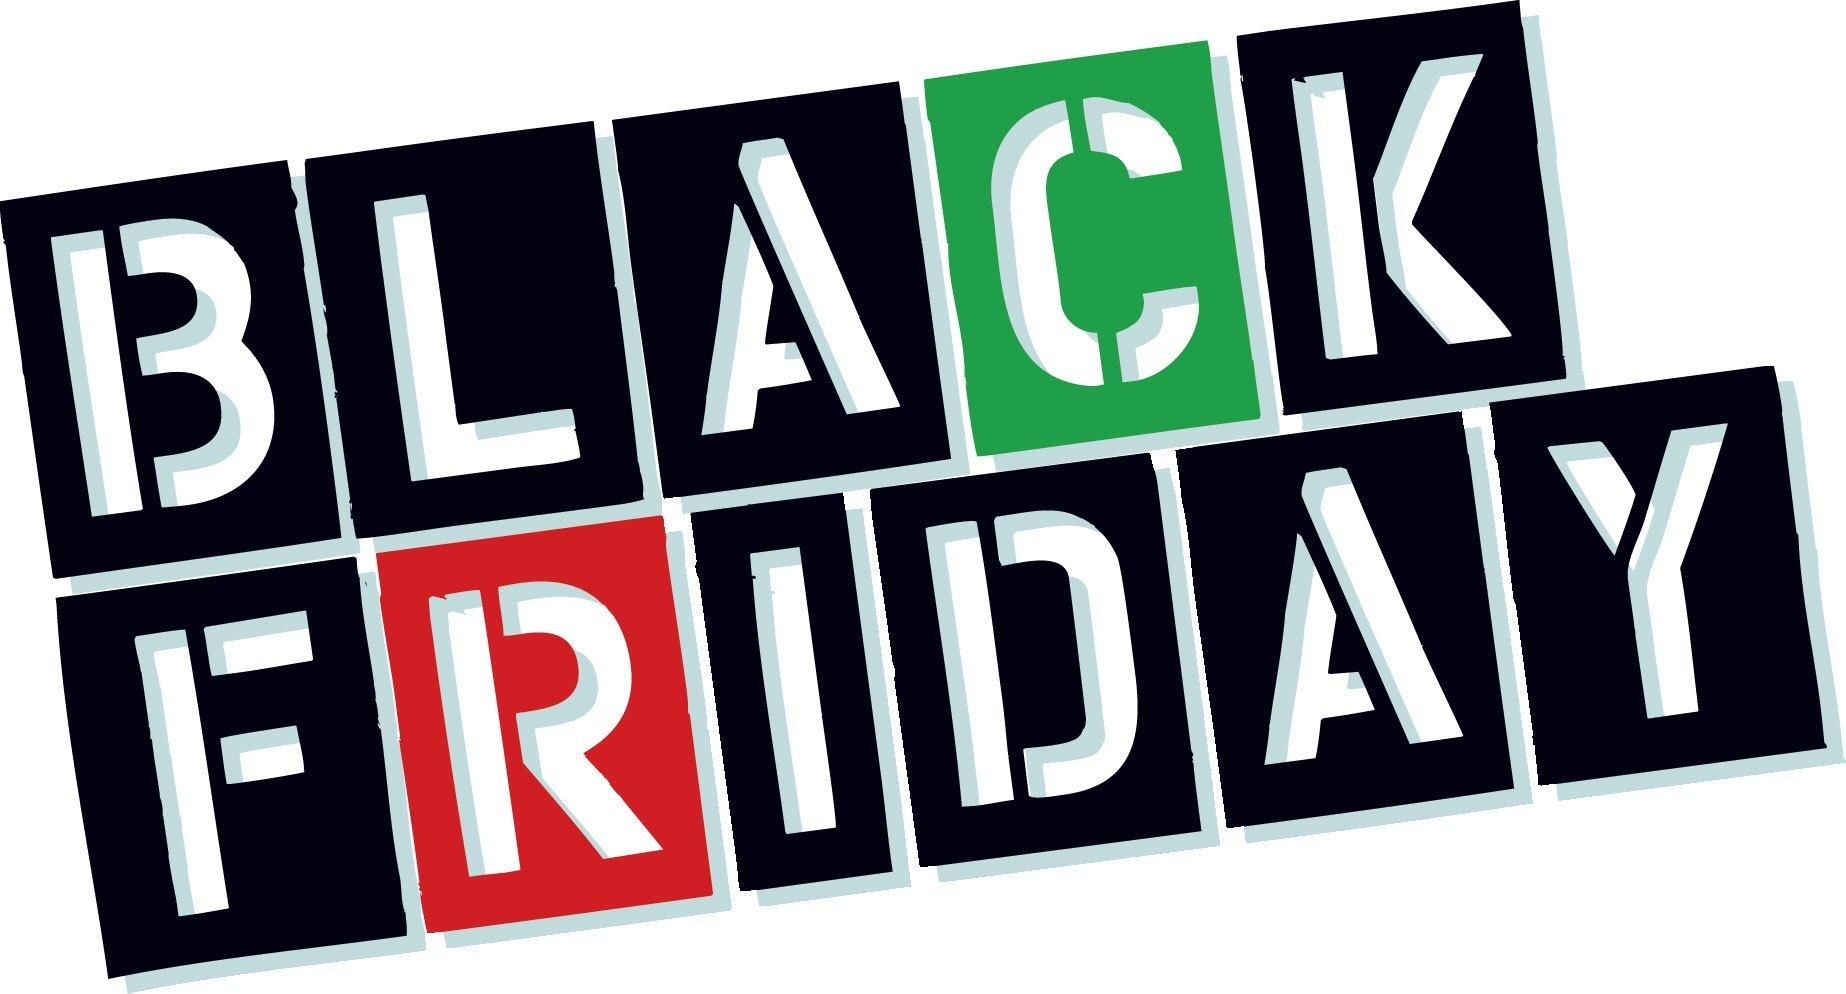 Черная Пятница со стороны интернет-магазина